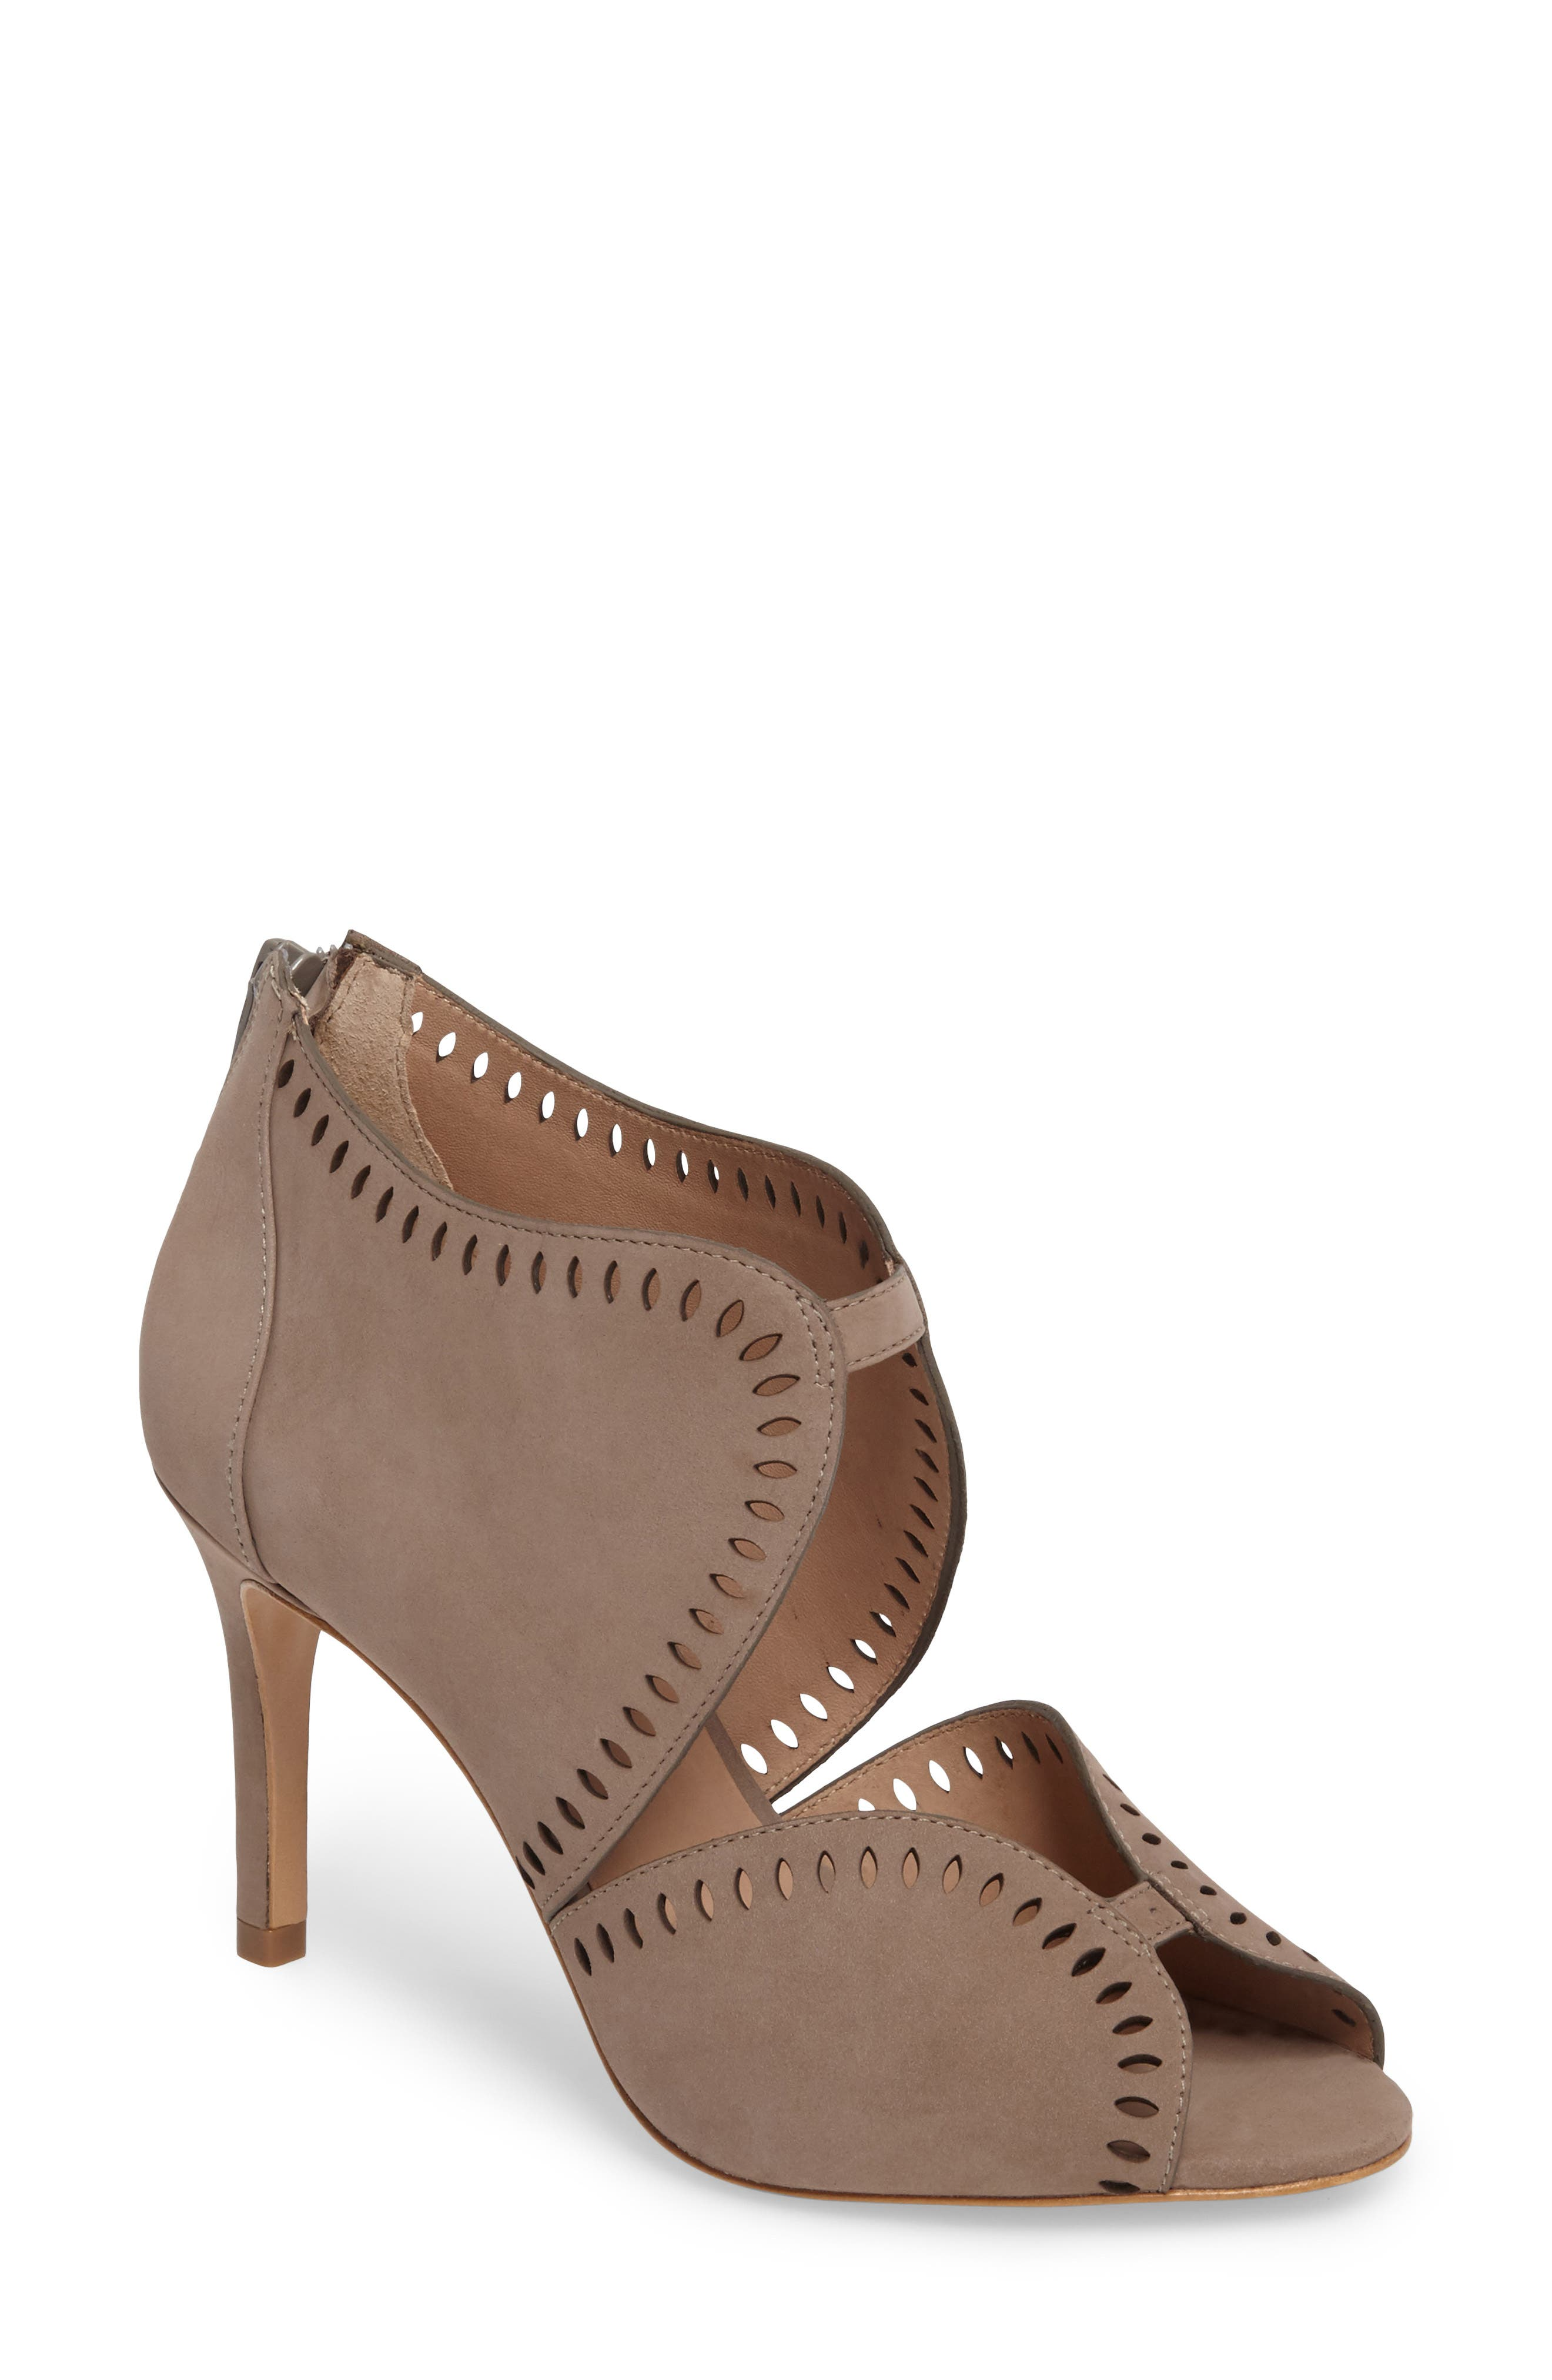 Mallia Perforated Sandal,                         Main,                         color, Taupe Nubuck Leather